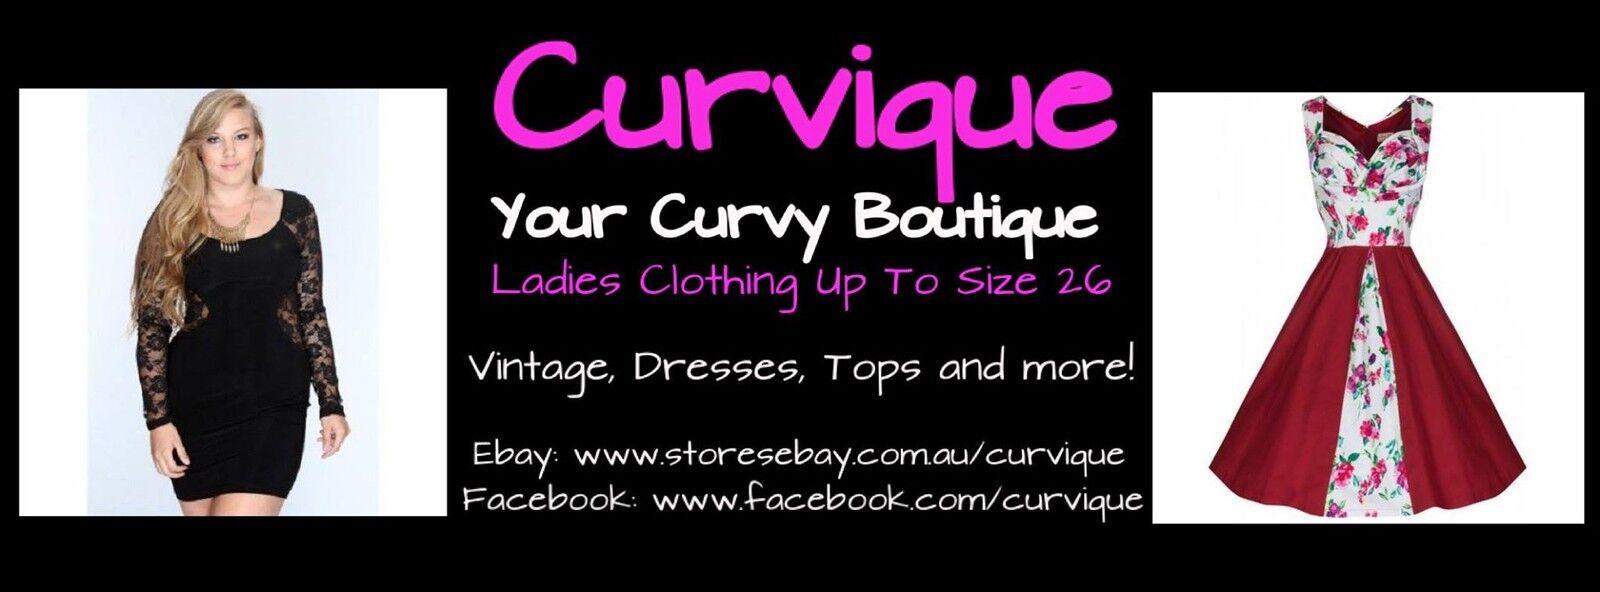 Curvique - Your Curvy Boutique